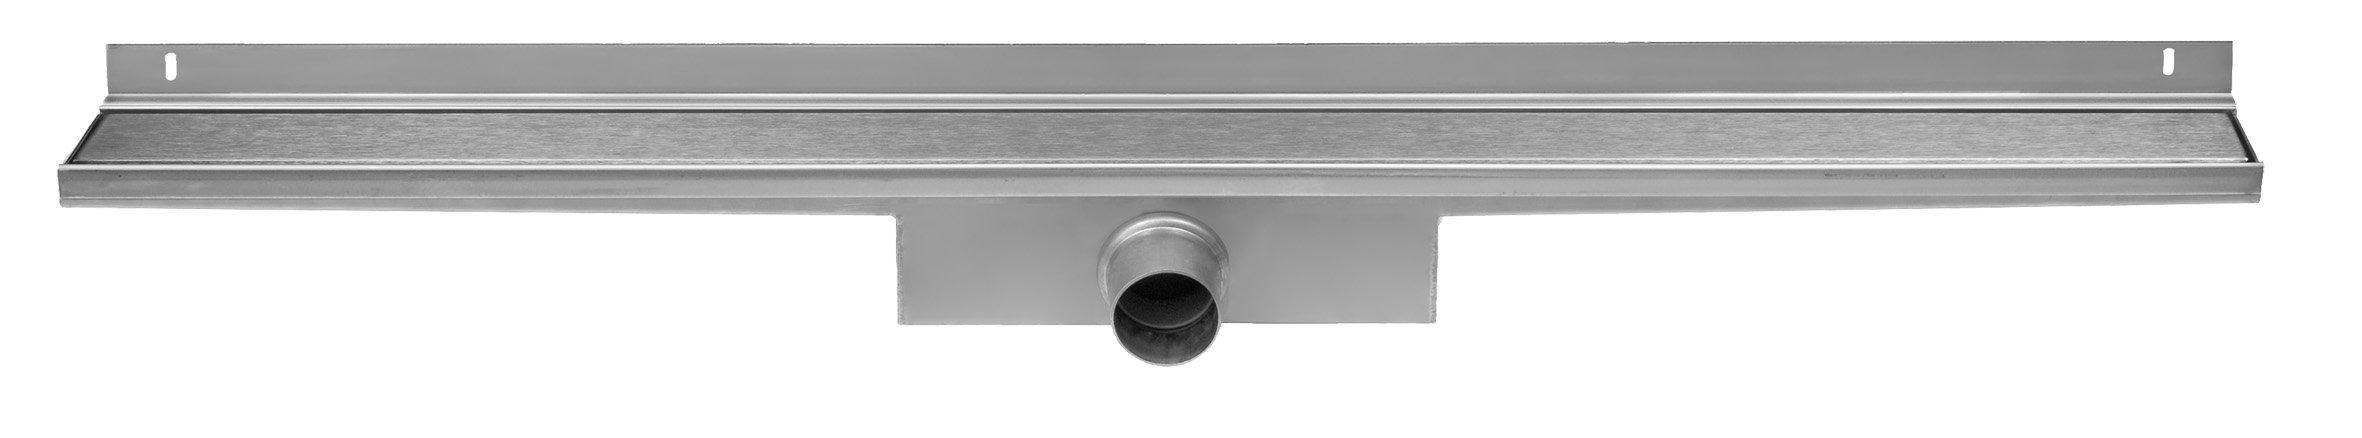 Easy Drain Compact Wall Zero afvoergoot 100x6 cm, zijaansluiting, rvs